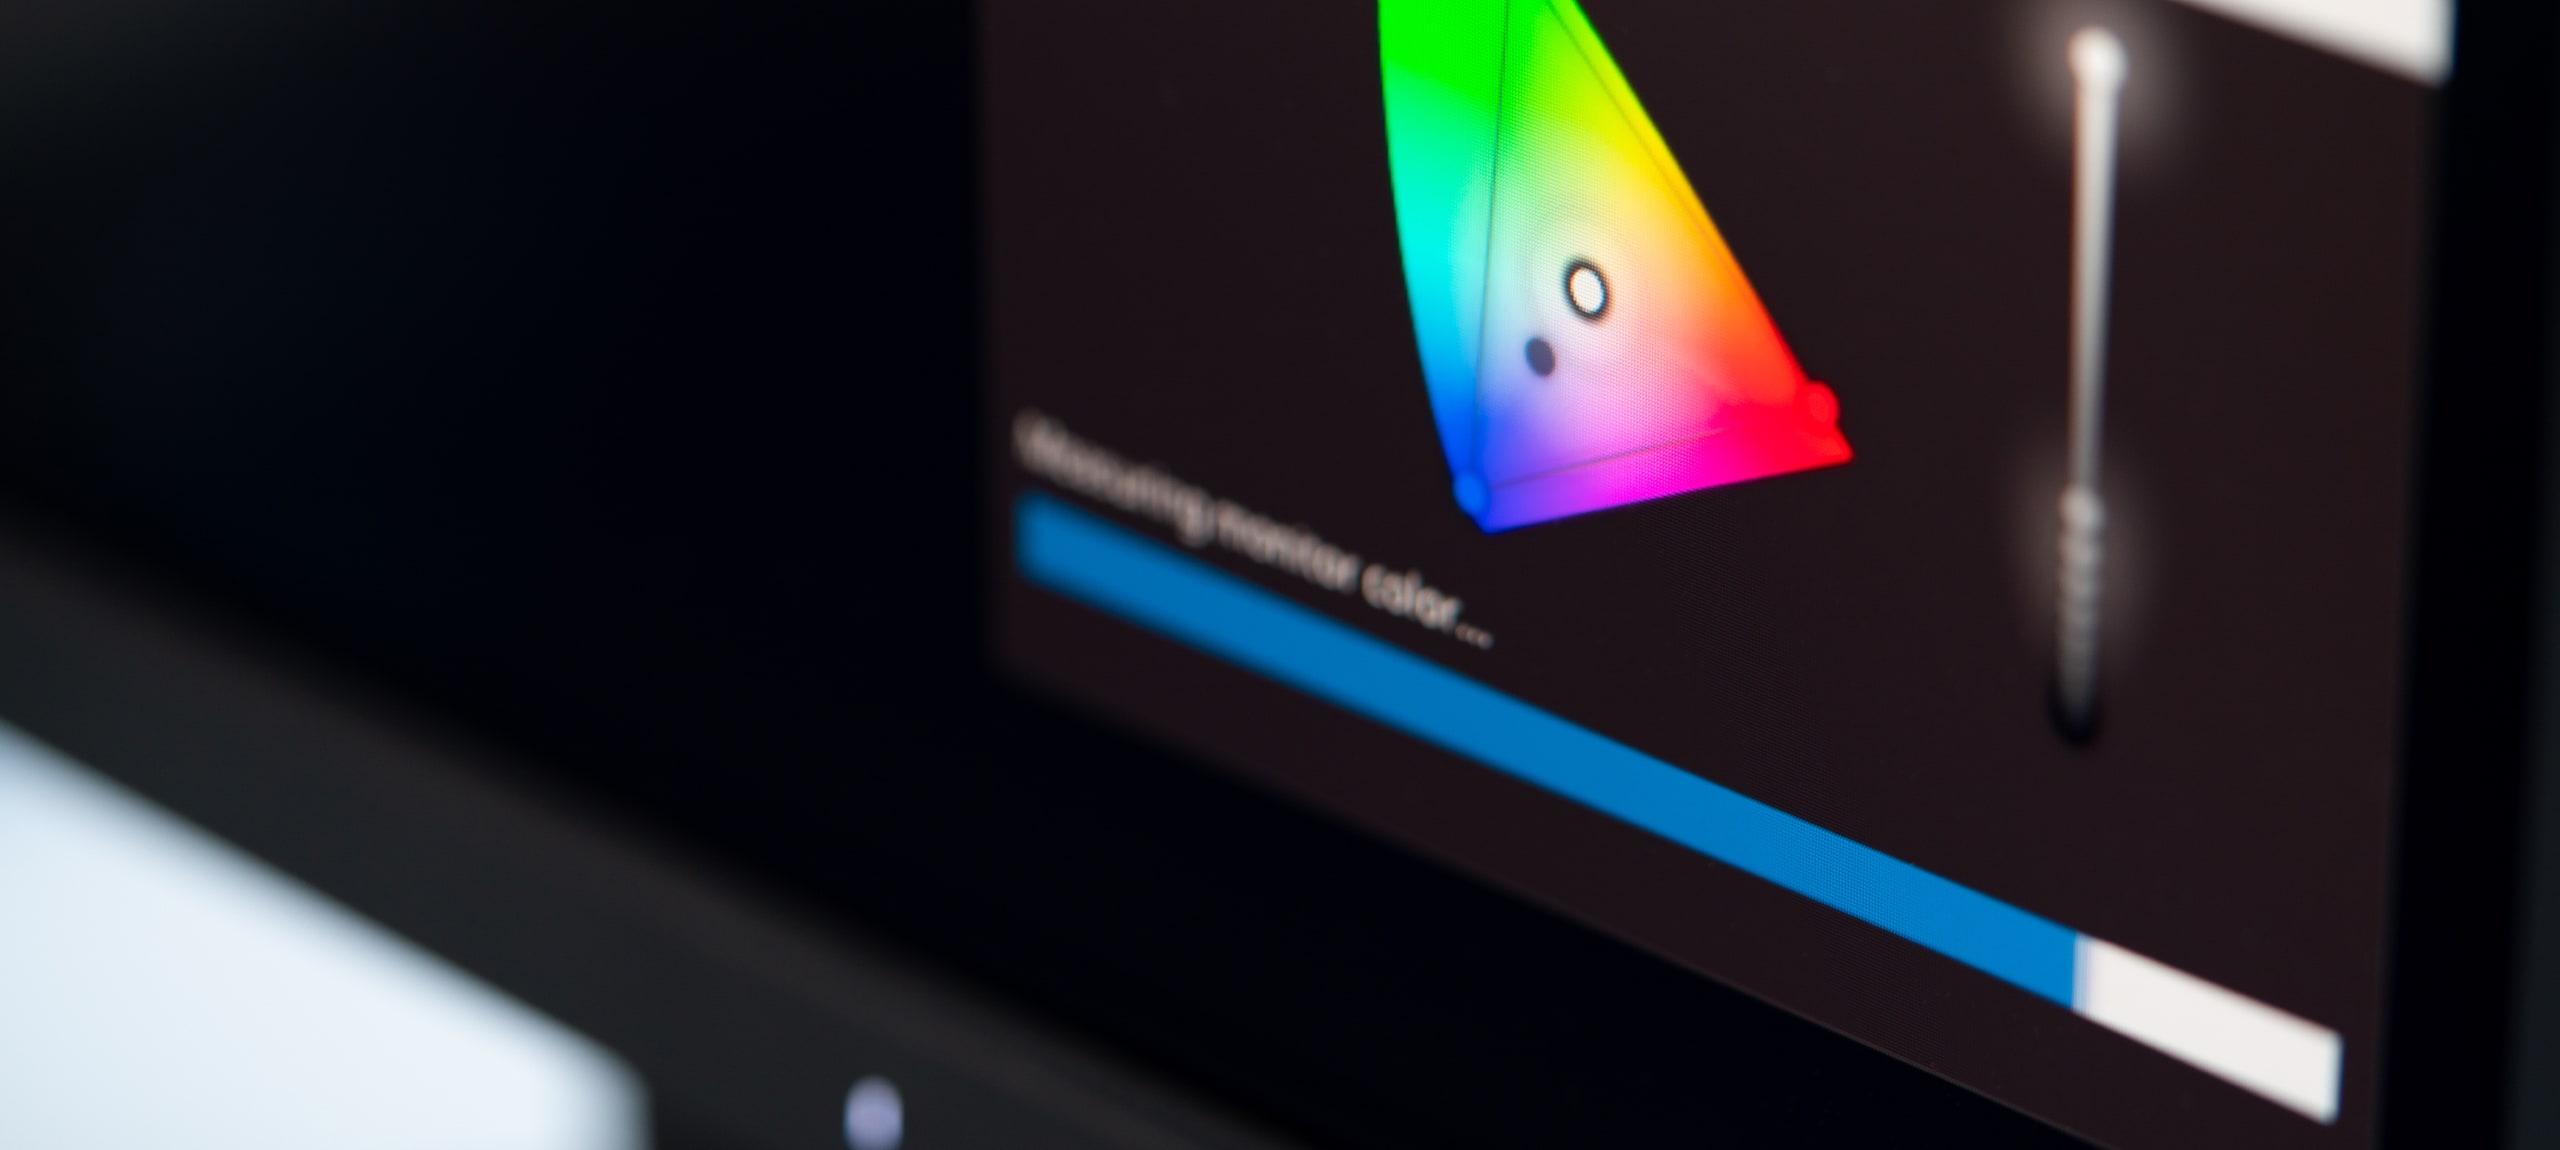 Calibrazione del monitor, la norma ISO 3664:2009